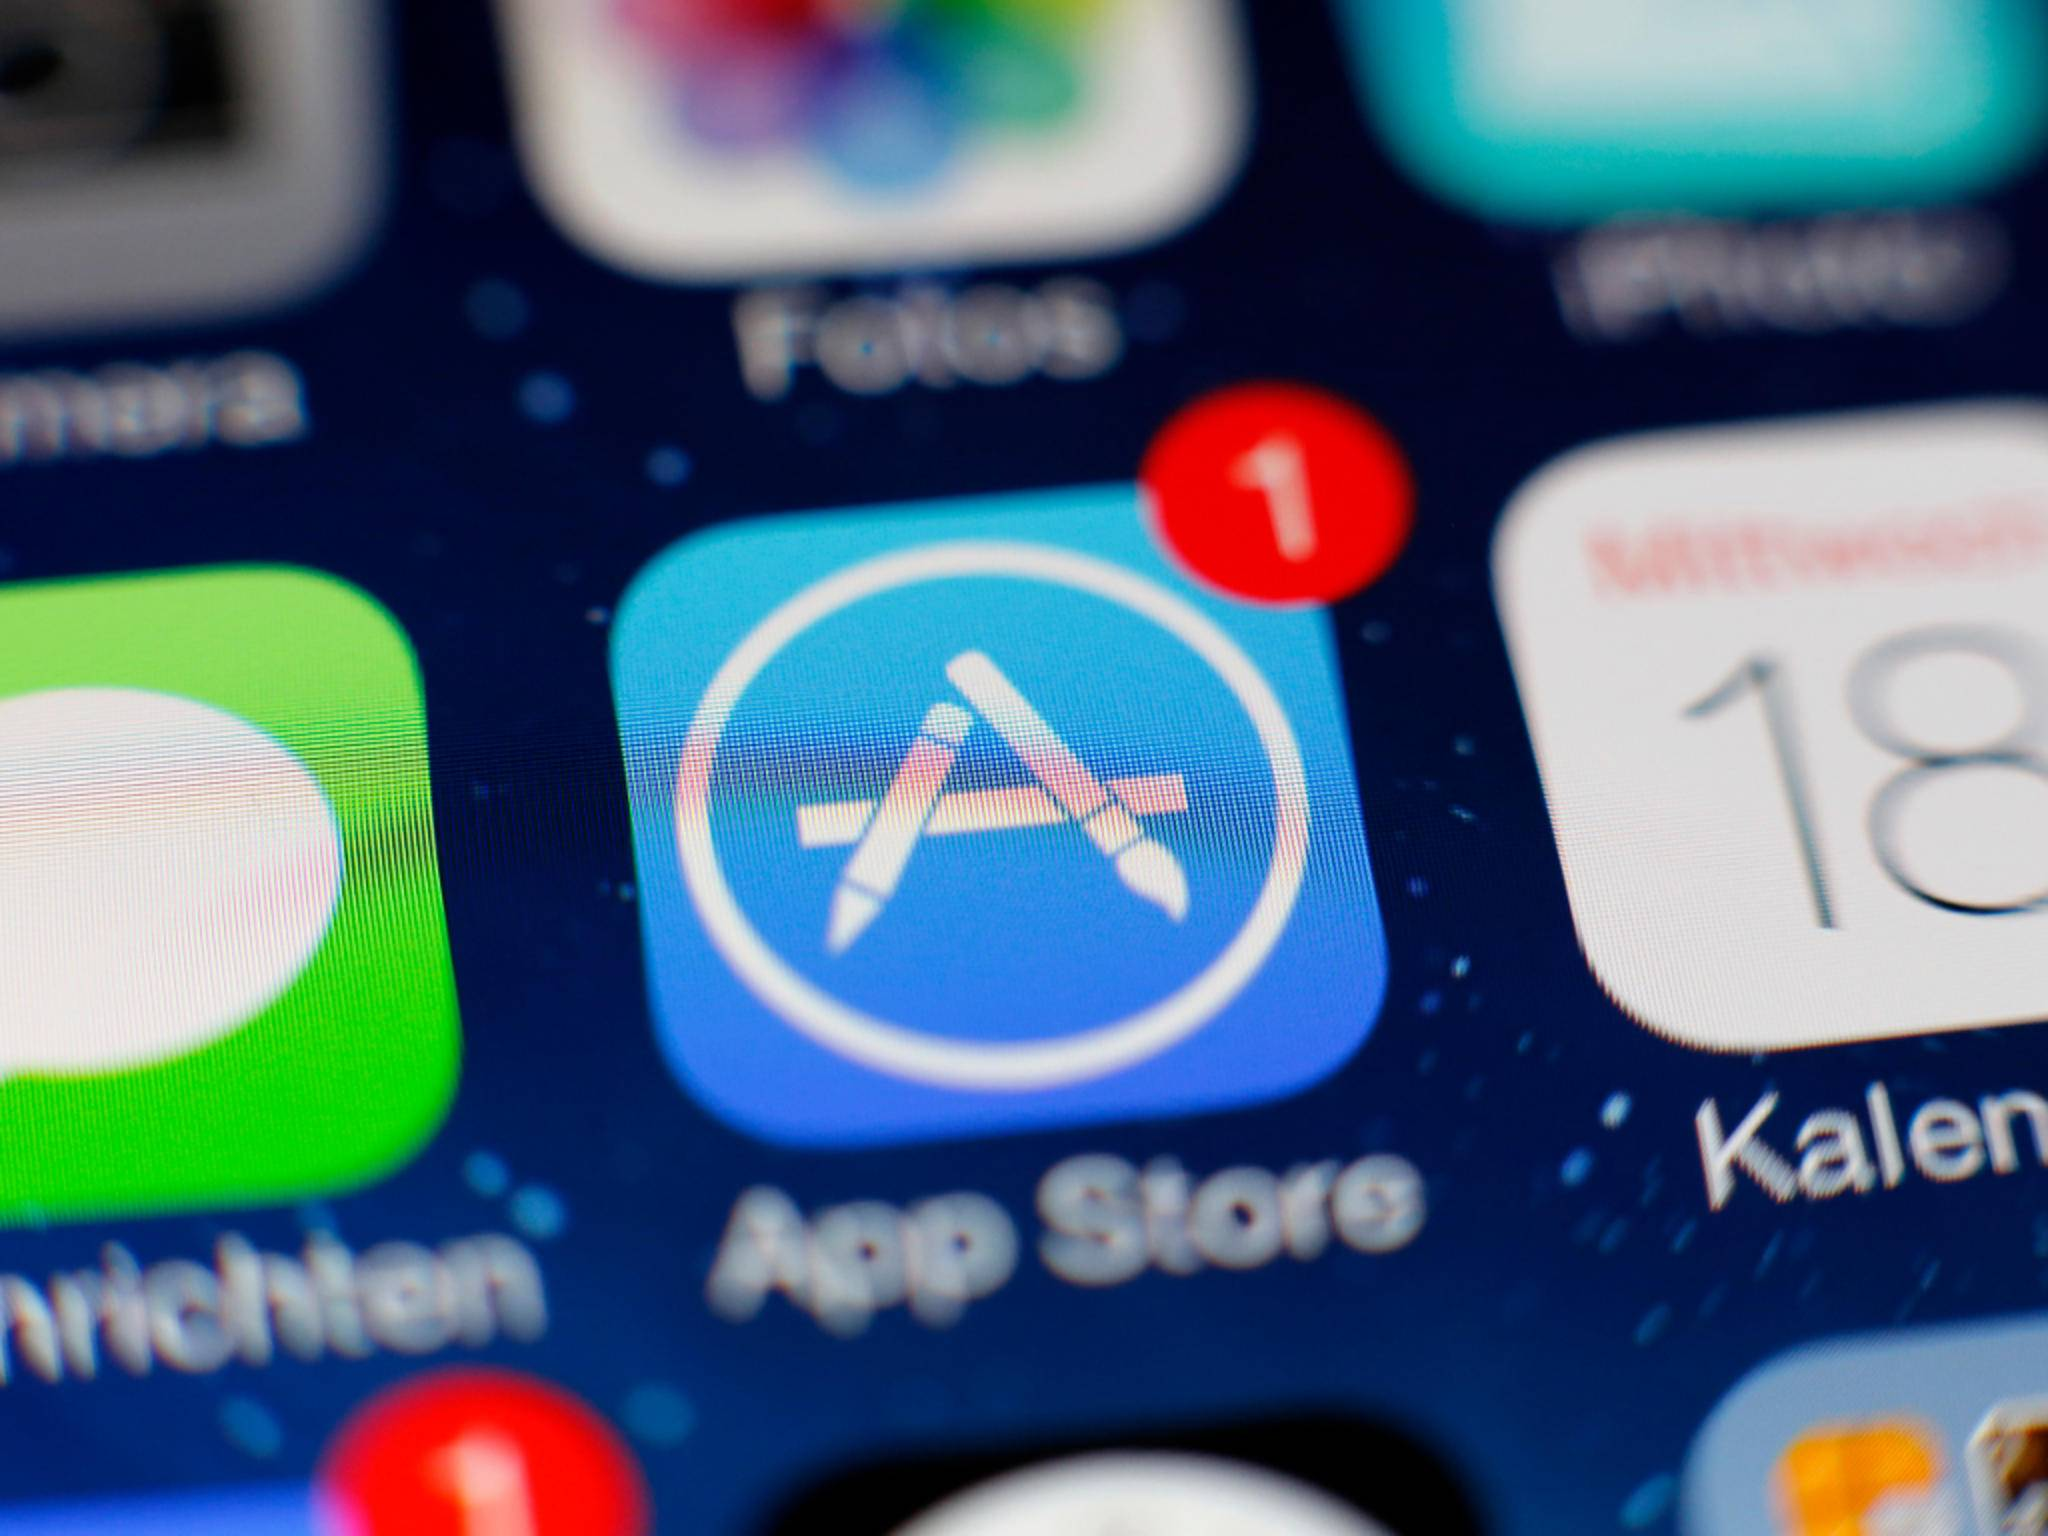 Zahlreiche Apps im App Store wurden von Apple verboten.